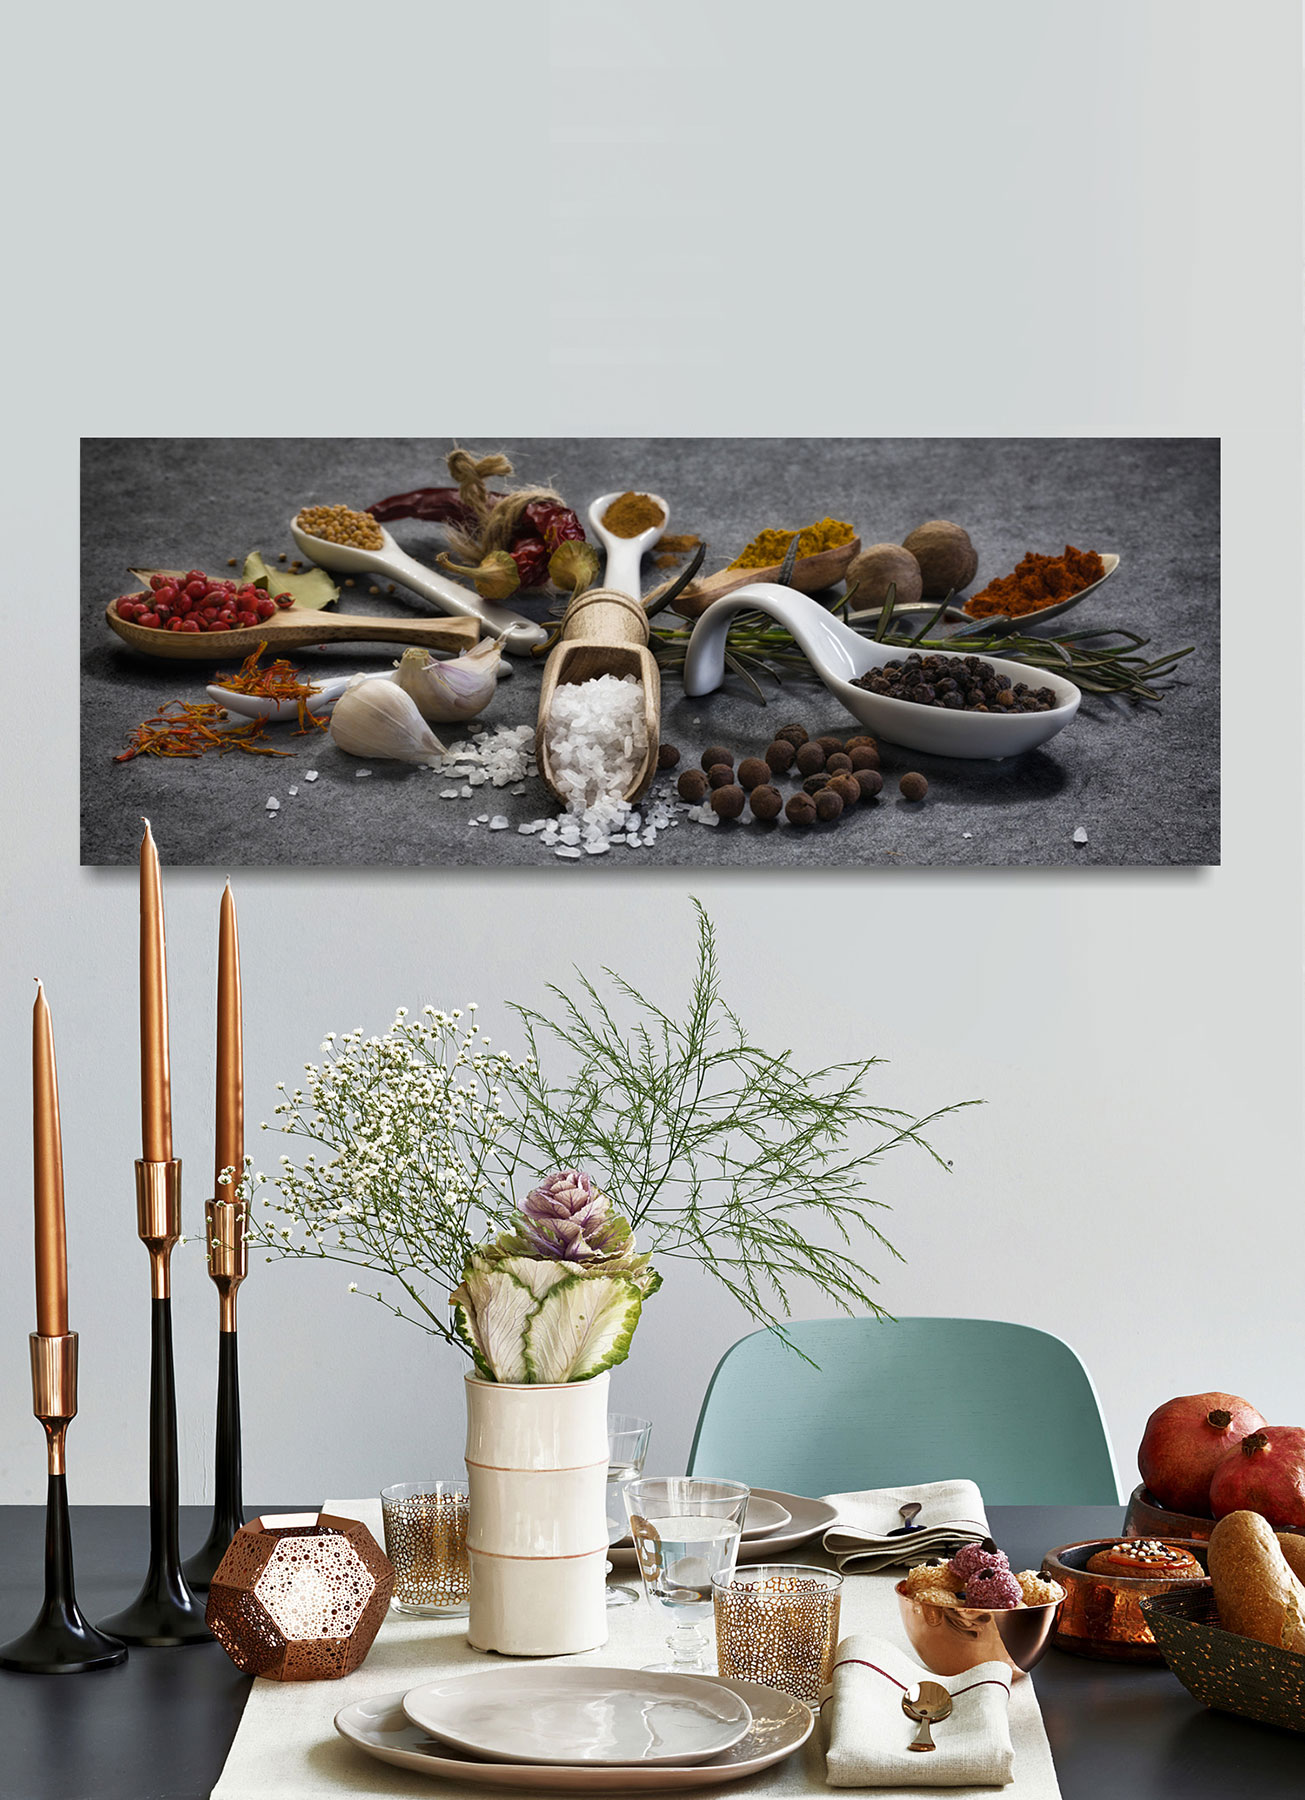 Full Size of Küchen Glasbilder Levandeo Glasbild 30x80cm Gewrze Kruter Kche Kchenbild Lffel Bad Küche Regal Wohnzimmer Küchen Glasbilder